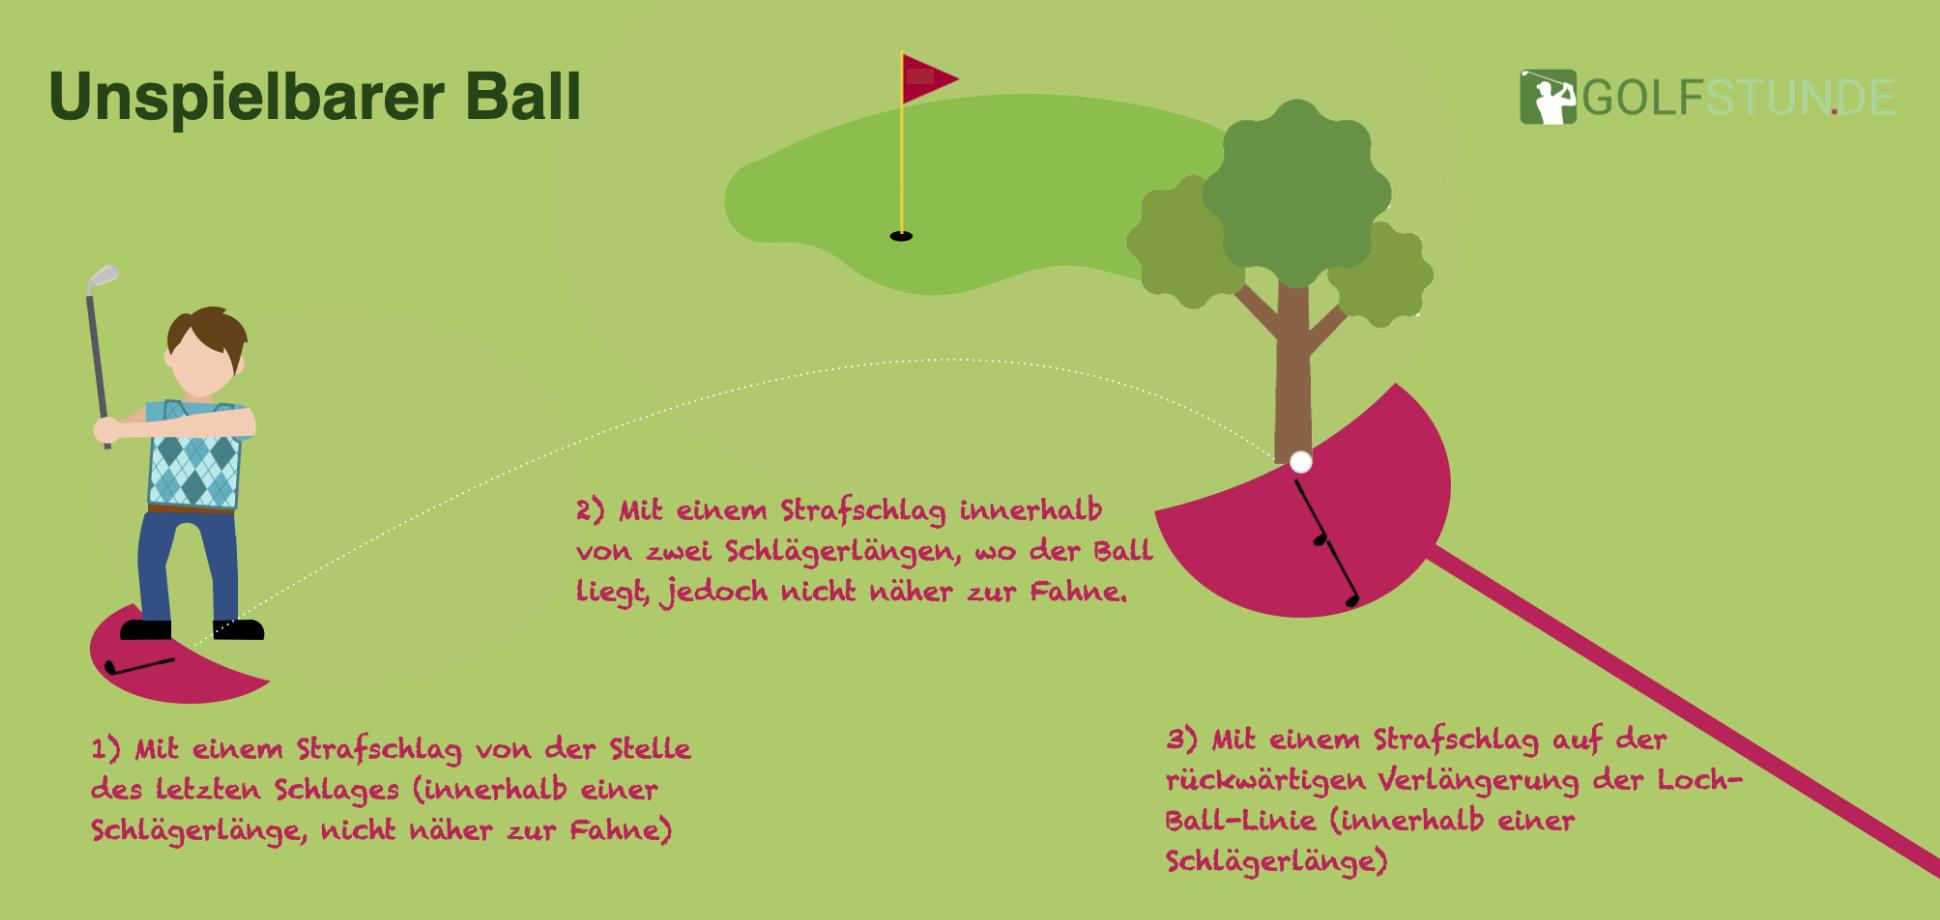 unspielbarer ball - Unspielbarer Ball